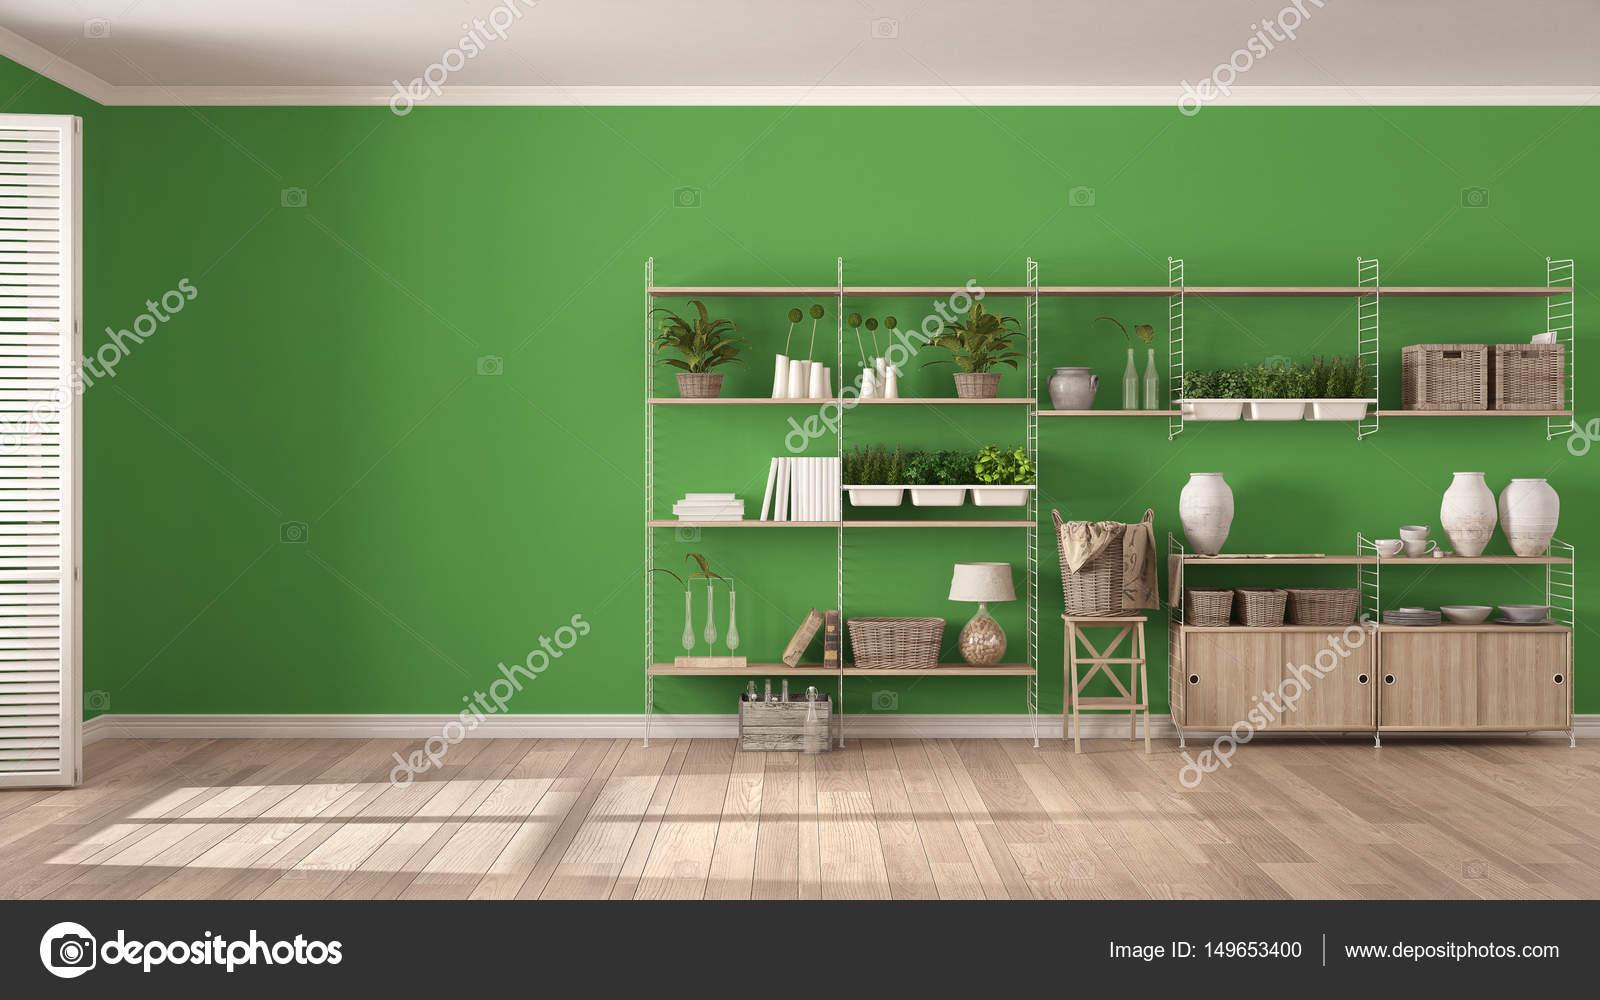 Arredamento Legno Fai Da Te.Eco Verde E Bianco Arredamento Con Libreria In Legno Fai Da Te V